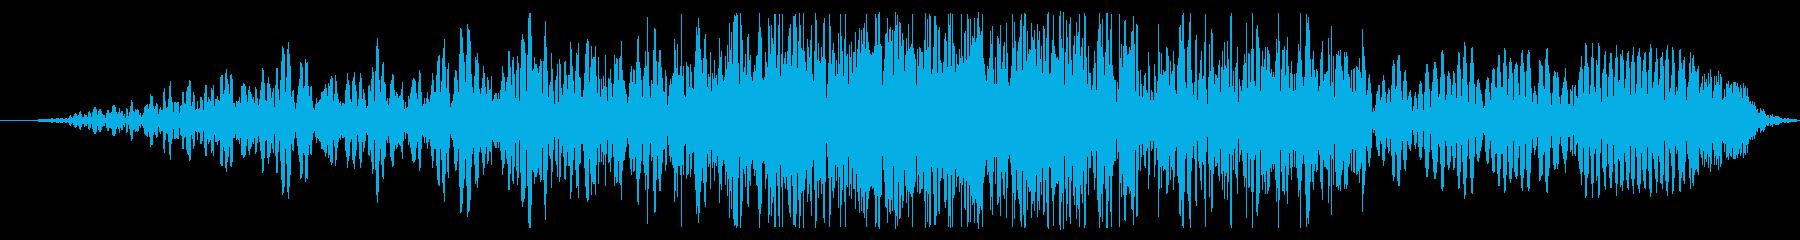 着信データスライドサックの再生済みの波形